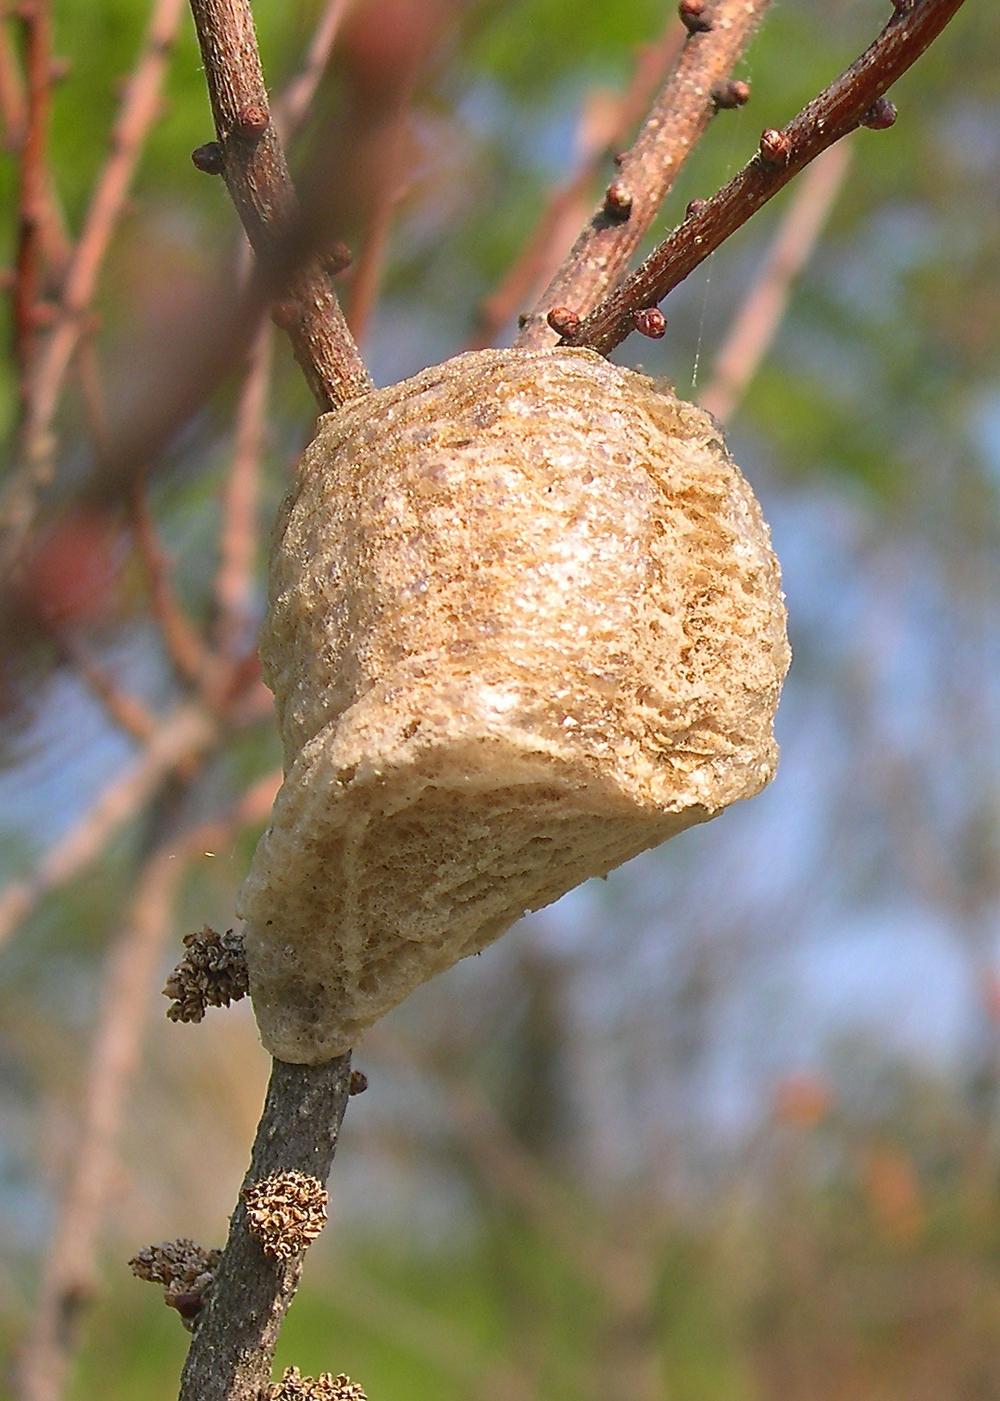 Another praying mantis egg case